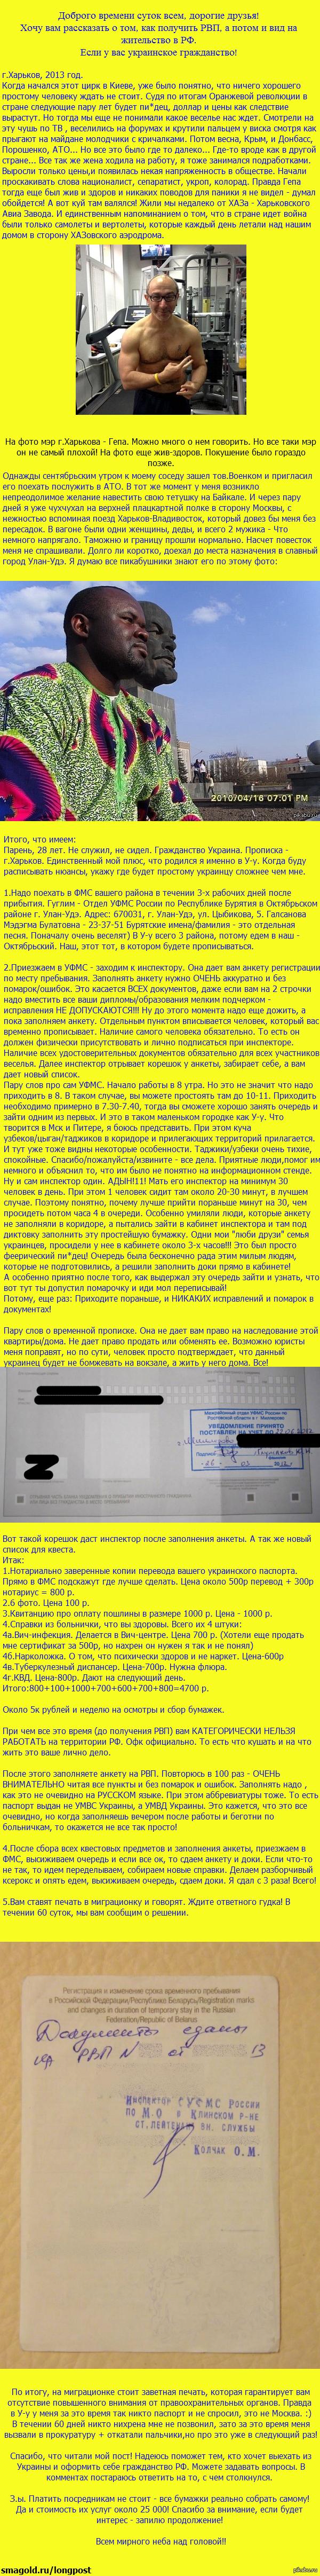 Как получить гражданство Рф для украинца.   Увлекательный квест для сильных духом! Первый пост, не судите строго. Комменты для минусов внутри.